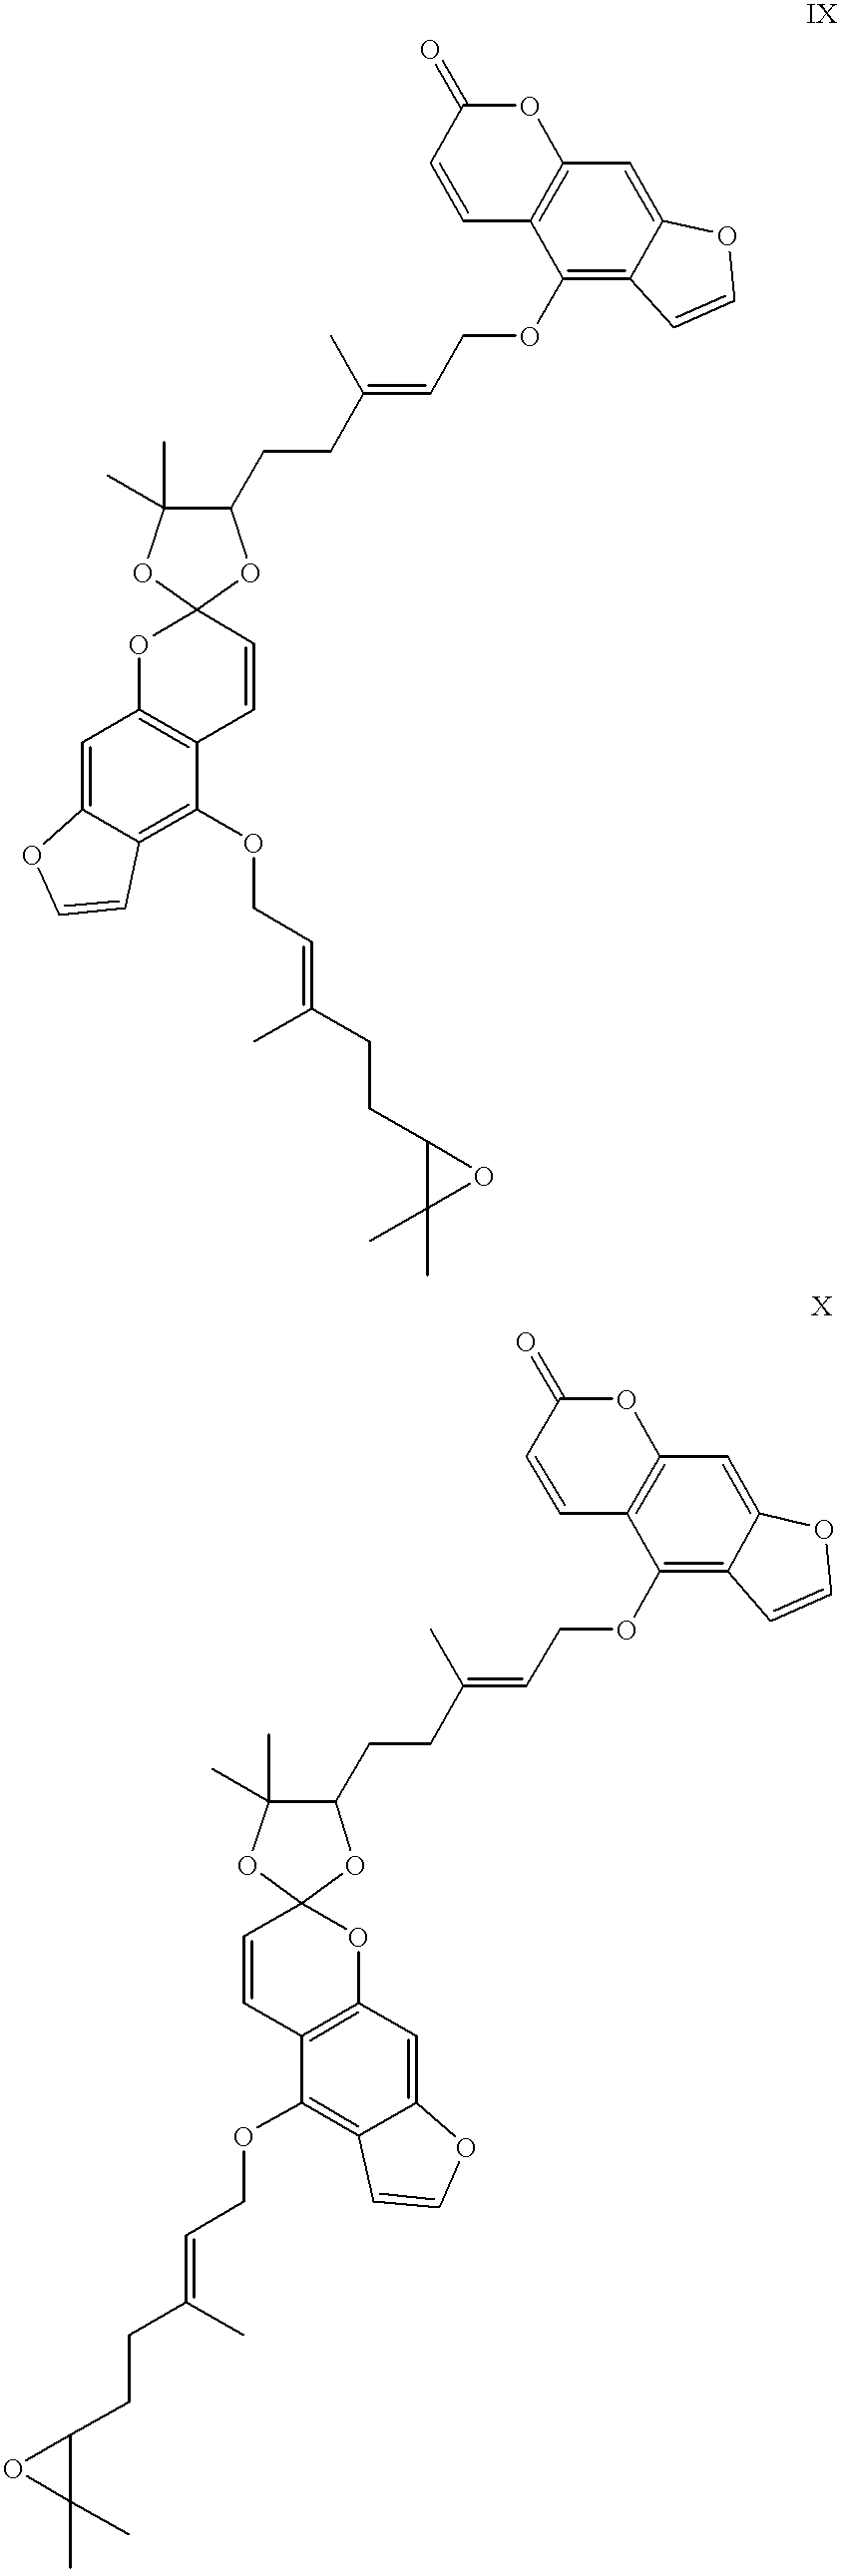 Figure US06248776-20010619-C00004